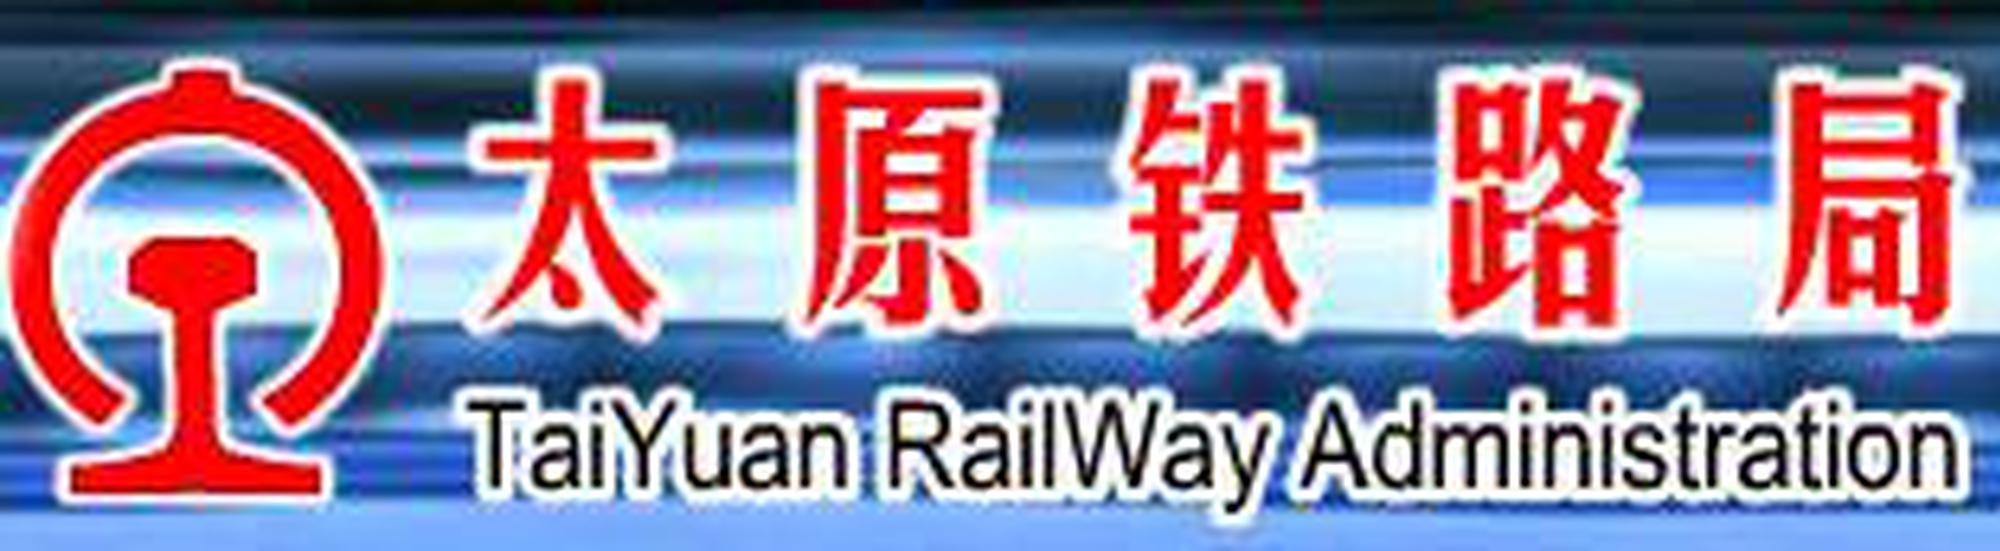 国庆假期 太原铁路局发送旅客超277万人次